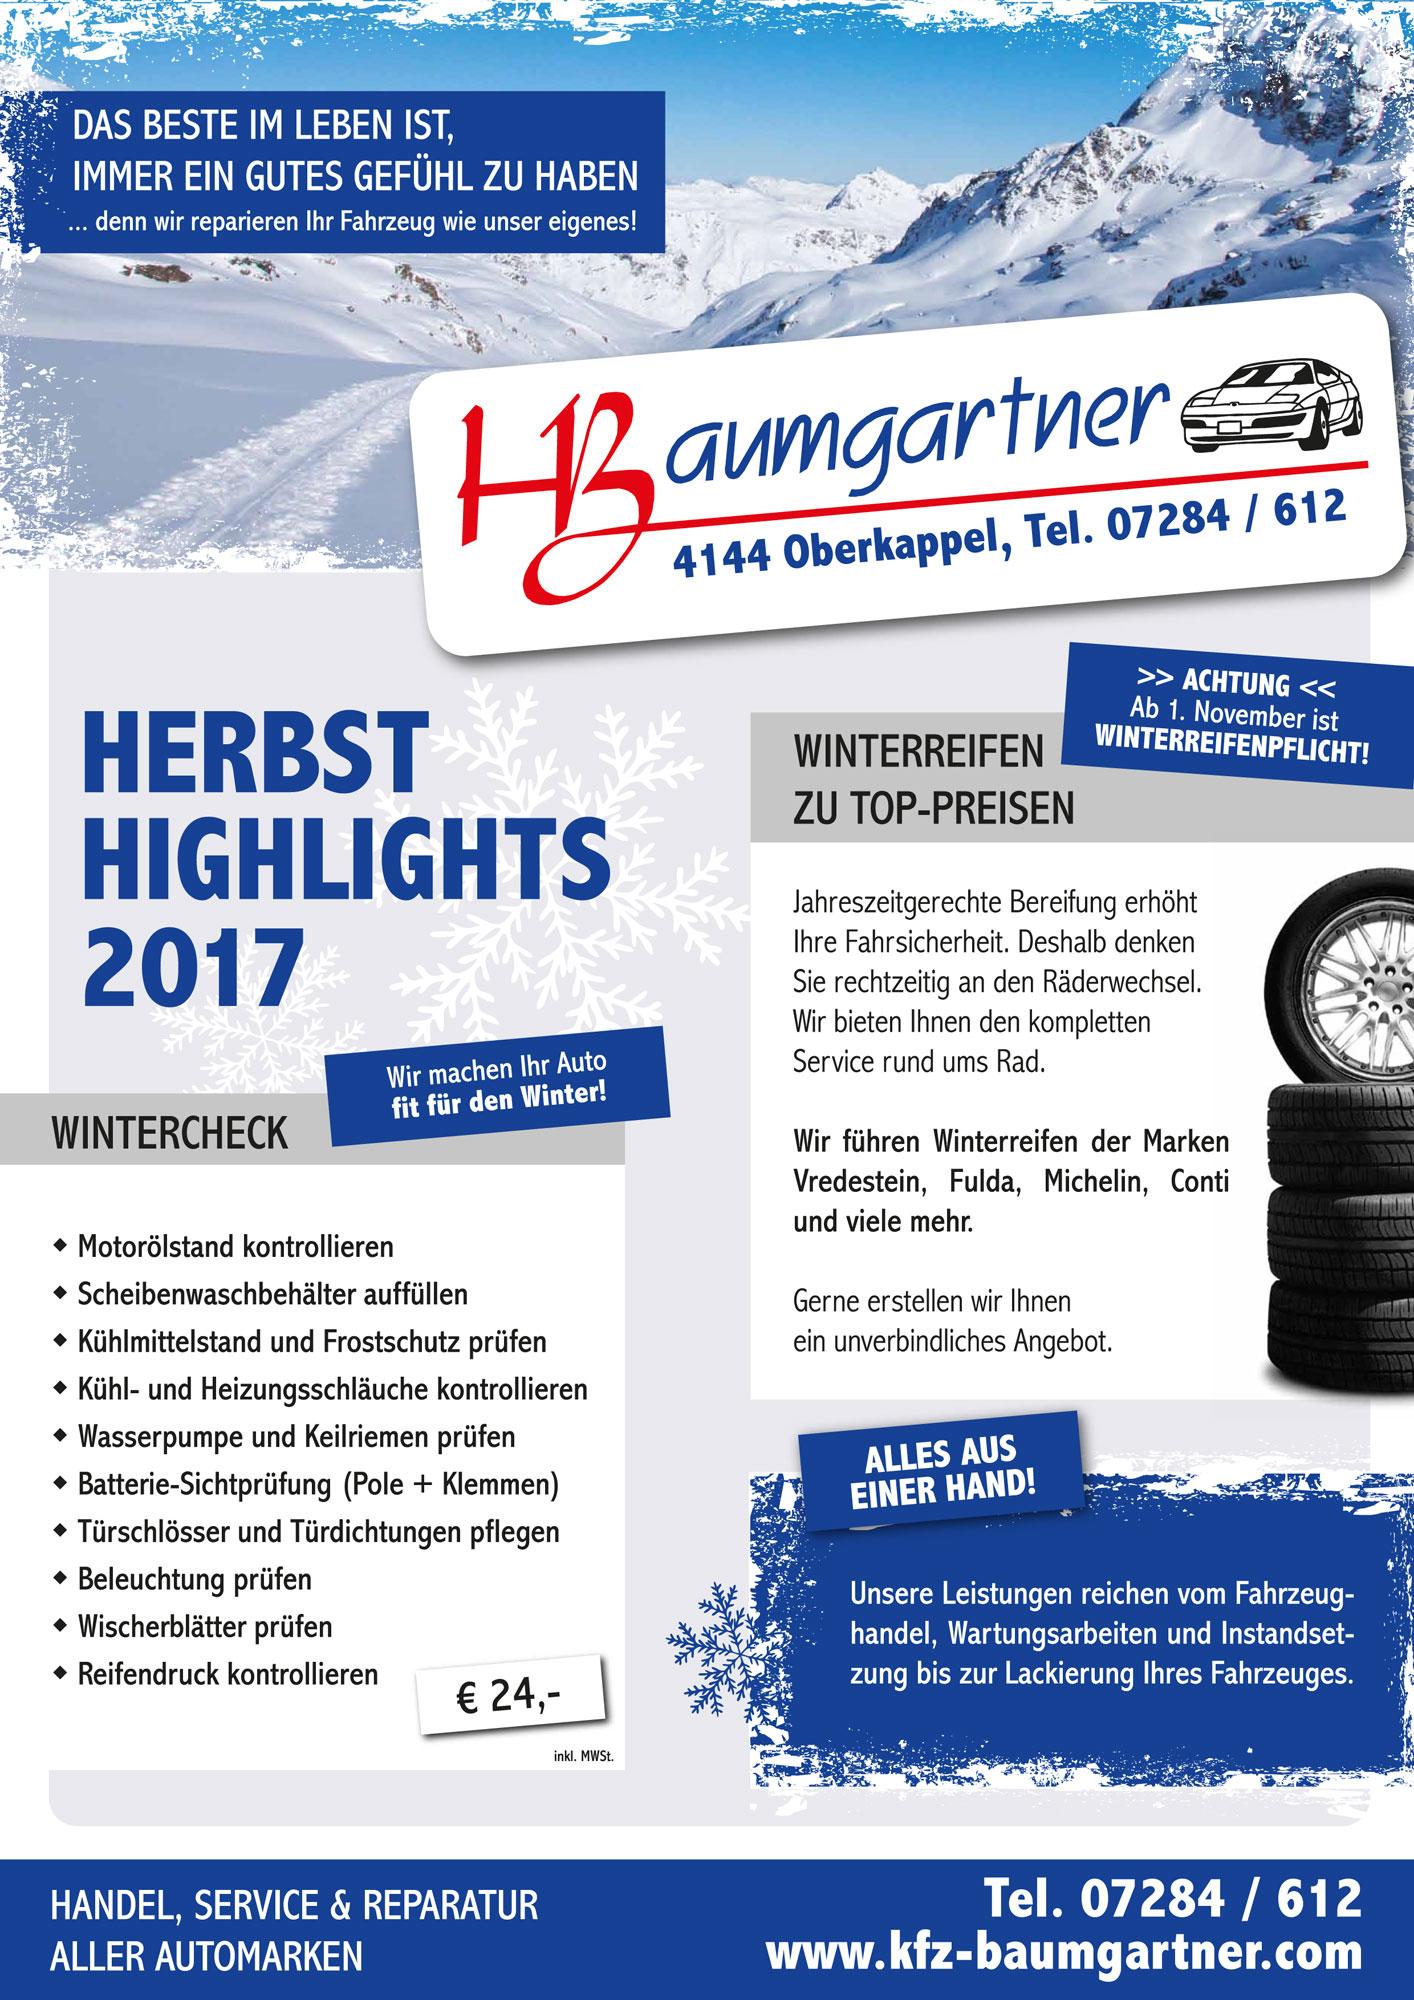 KFZ-Baumgartner Herbsthighlights 2017